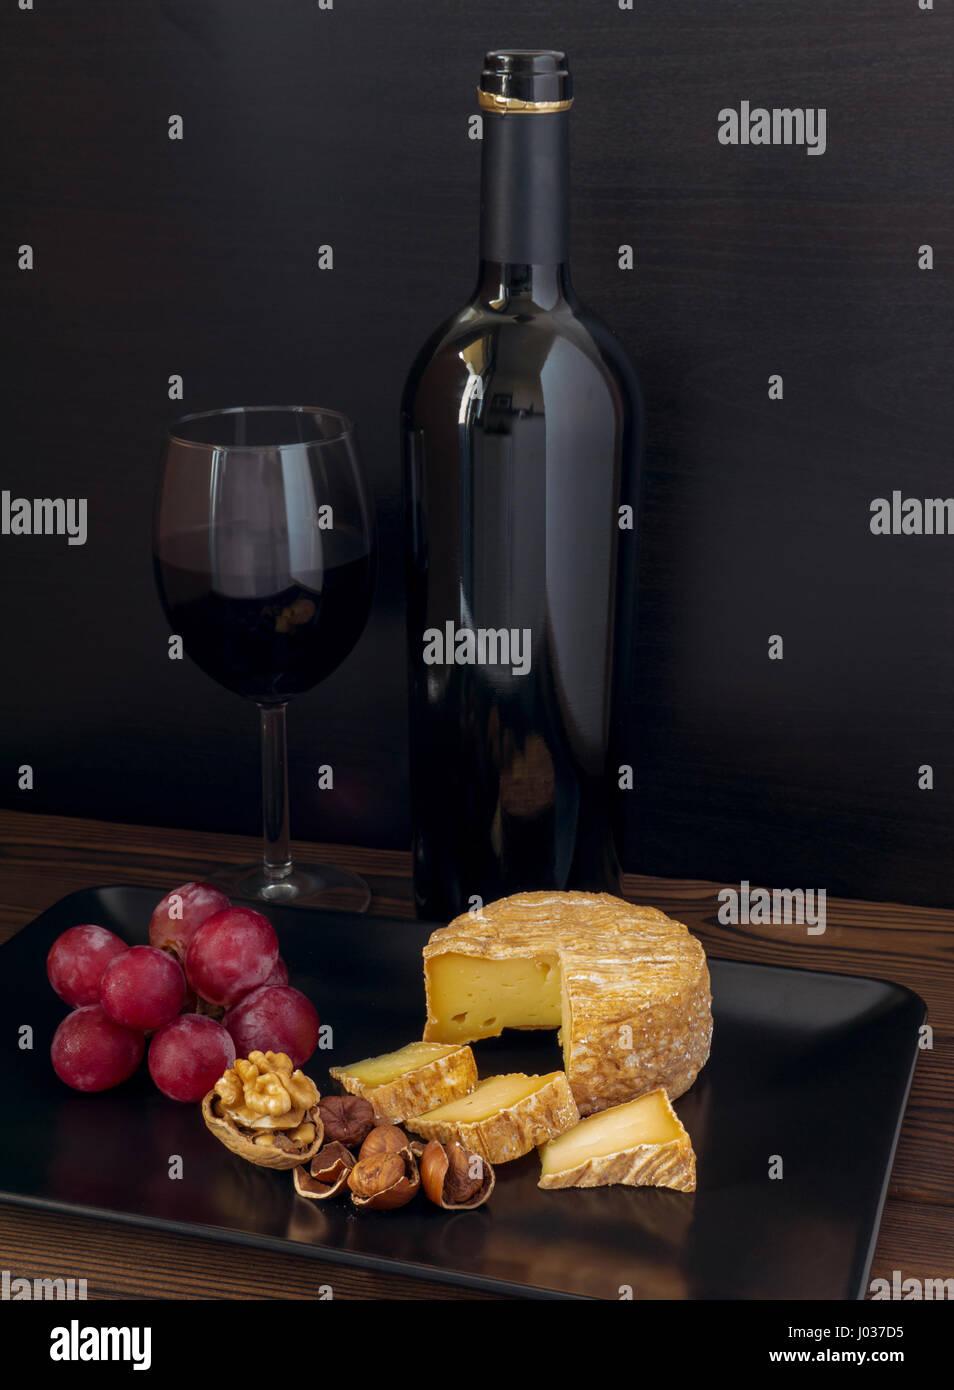 Corteza lavada suave queso, avellanas, nueces, uvas rojas y el vino en la copa y botella Imagen De Stock